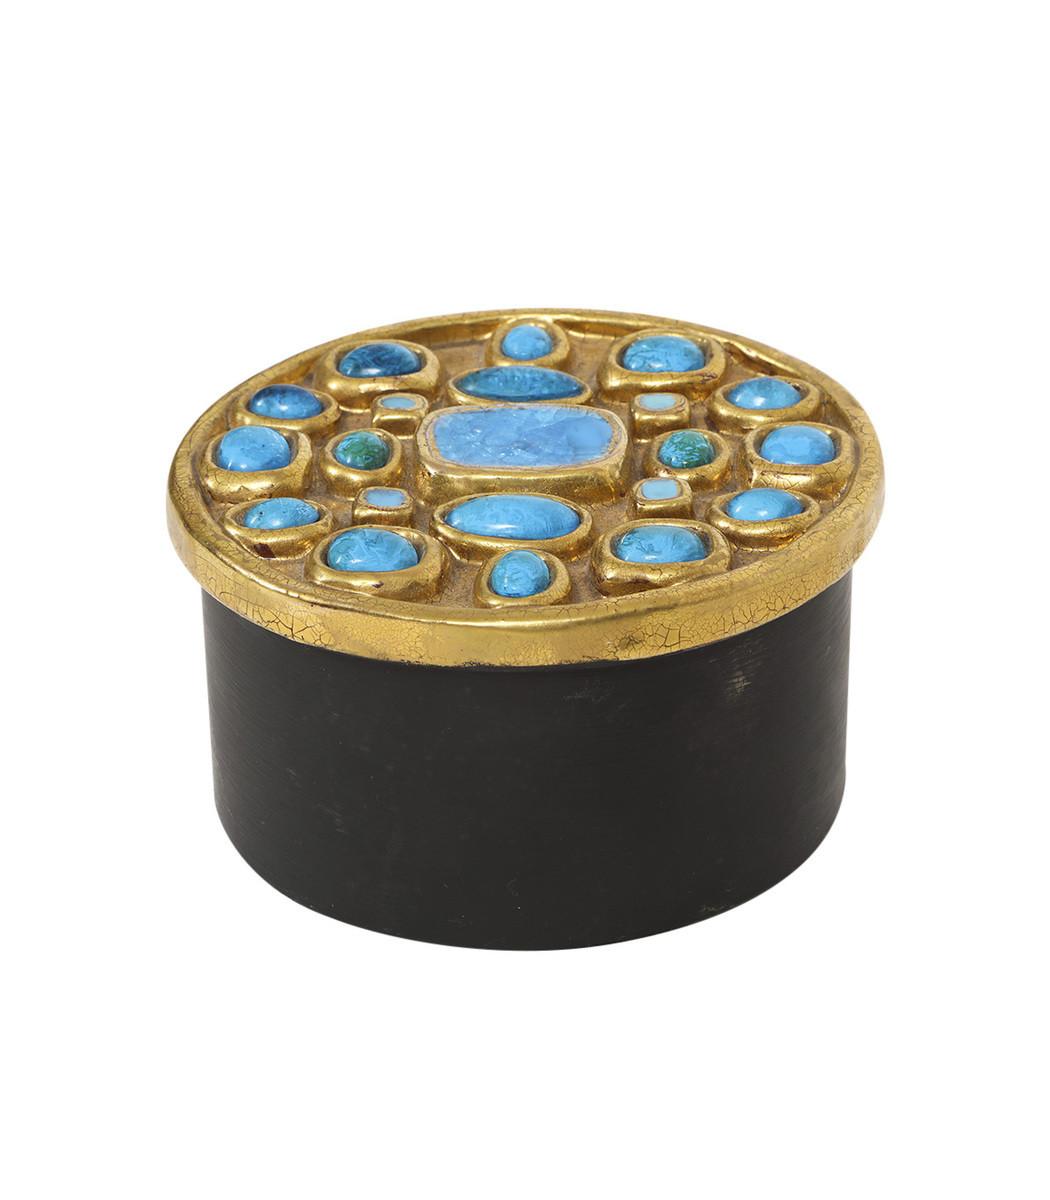 THIS PLACE Antique Ceramic Jewel Box